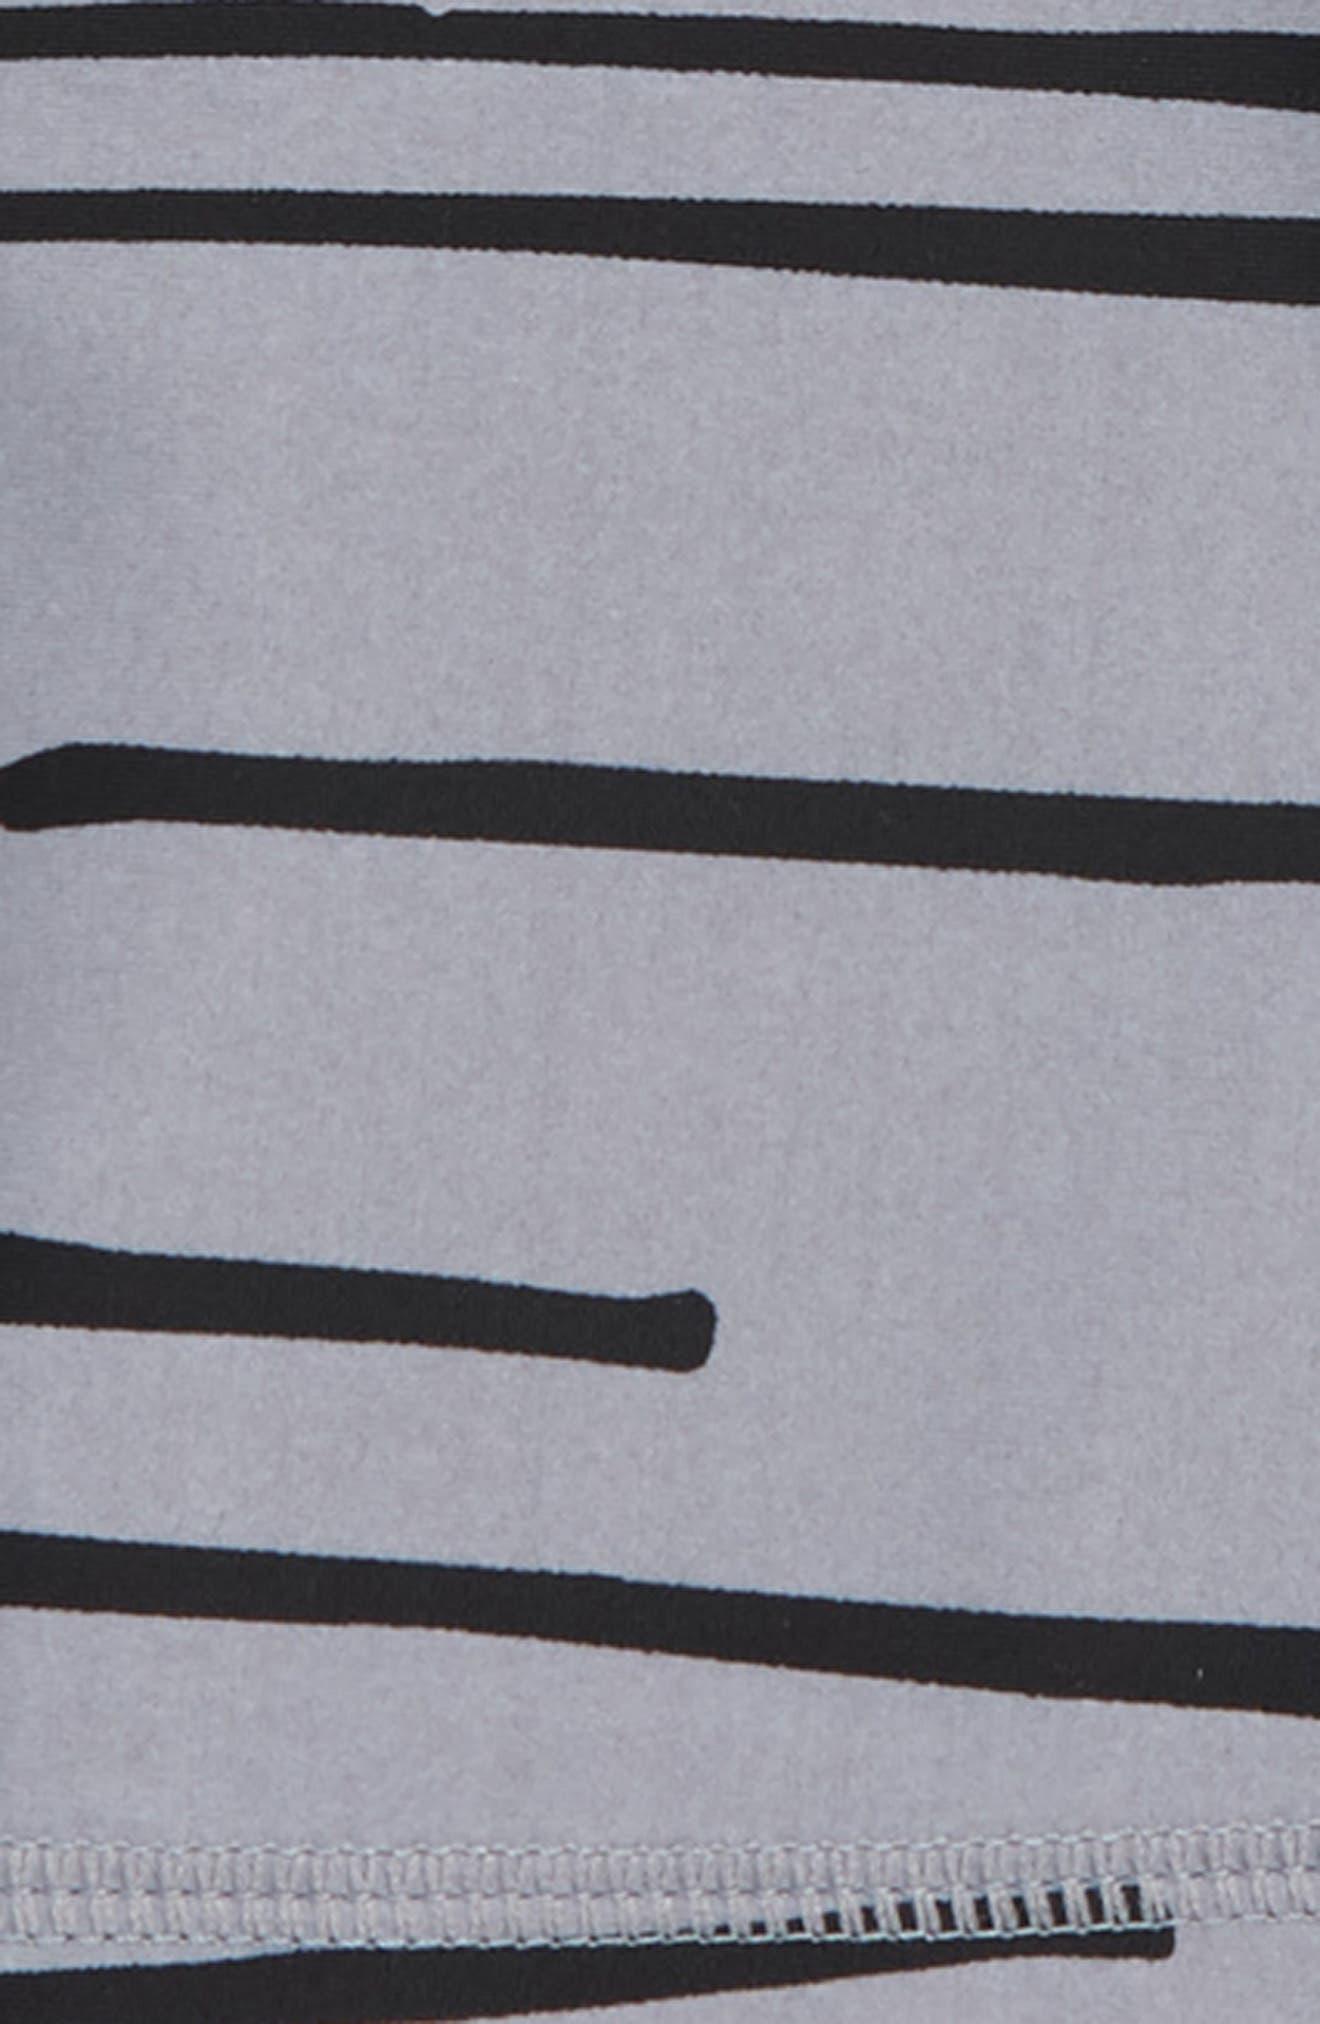 Tiger Stripe Rashguard & Board Shorts Set,                             Alternate thumbnail 2, color,                             035